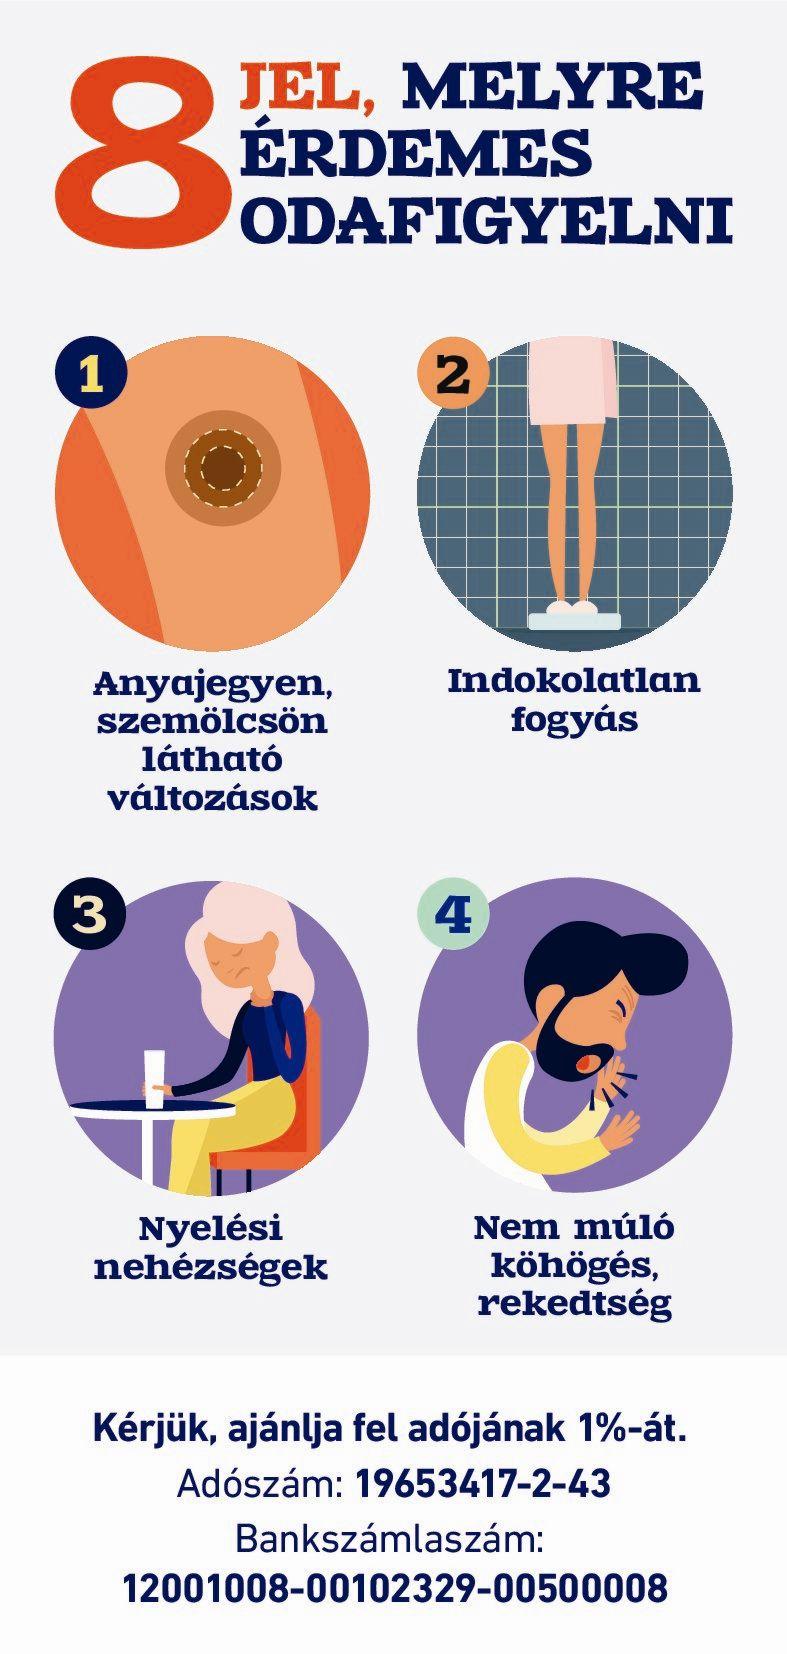 fogyás nyelési nehézségek)